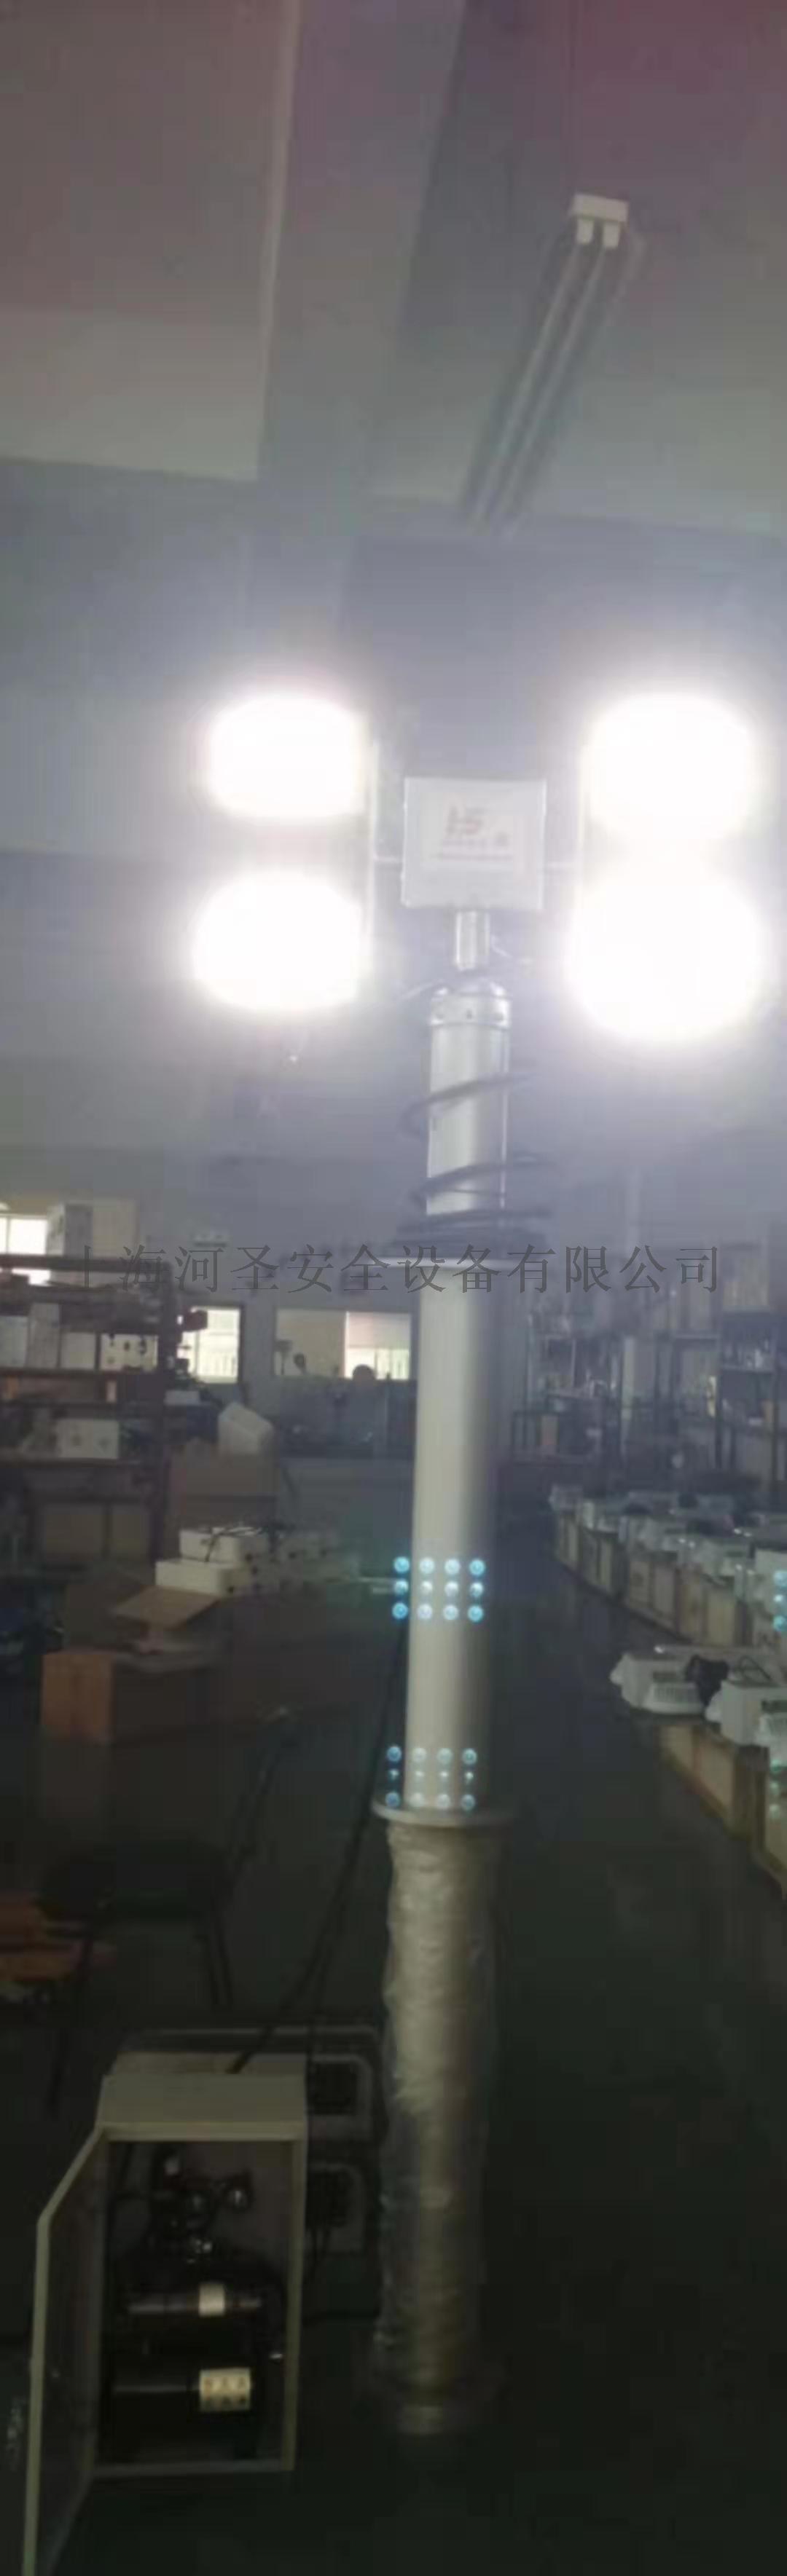 河圣大功率升降照明灯 型号:GD-75-4000L108445042